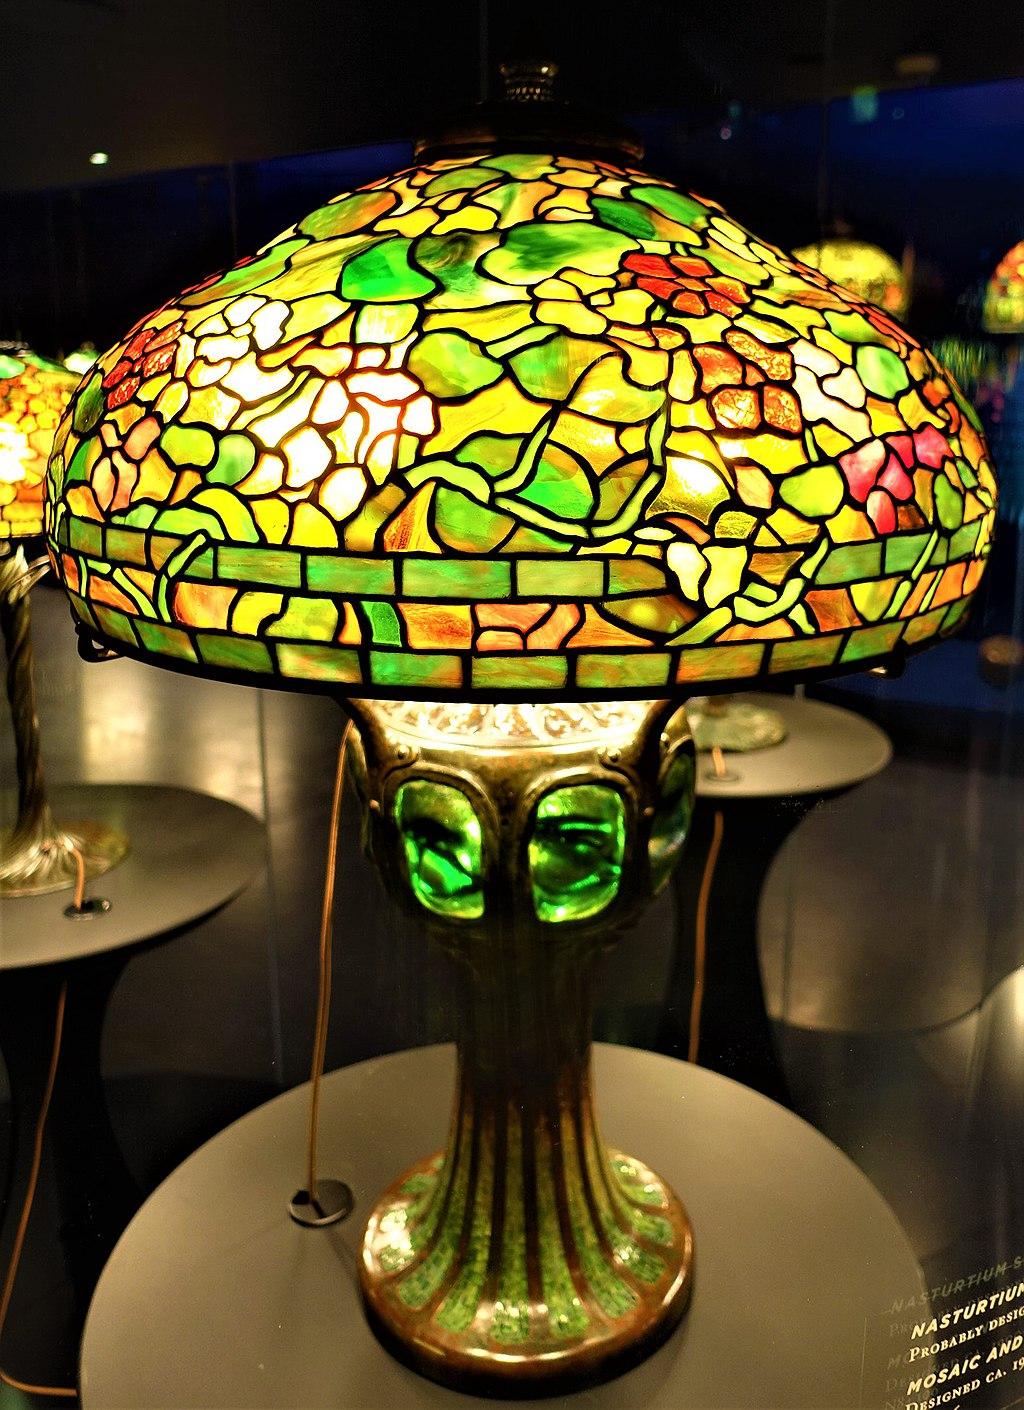 Nasturtium Shade with Mosaic Turtleback Tile Base - Tiffany Lamp - www.joyofmuseums.com - New-York Historical Society